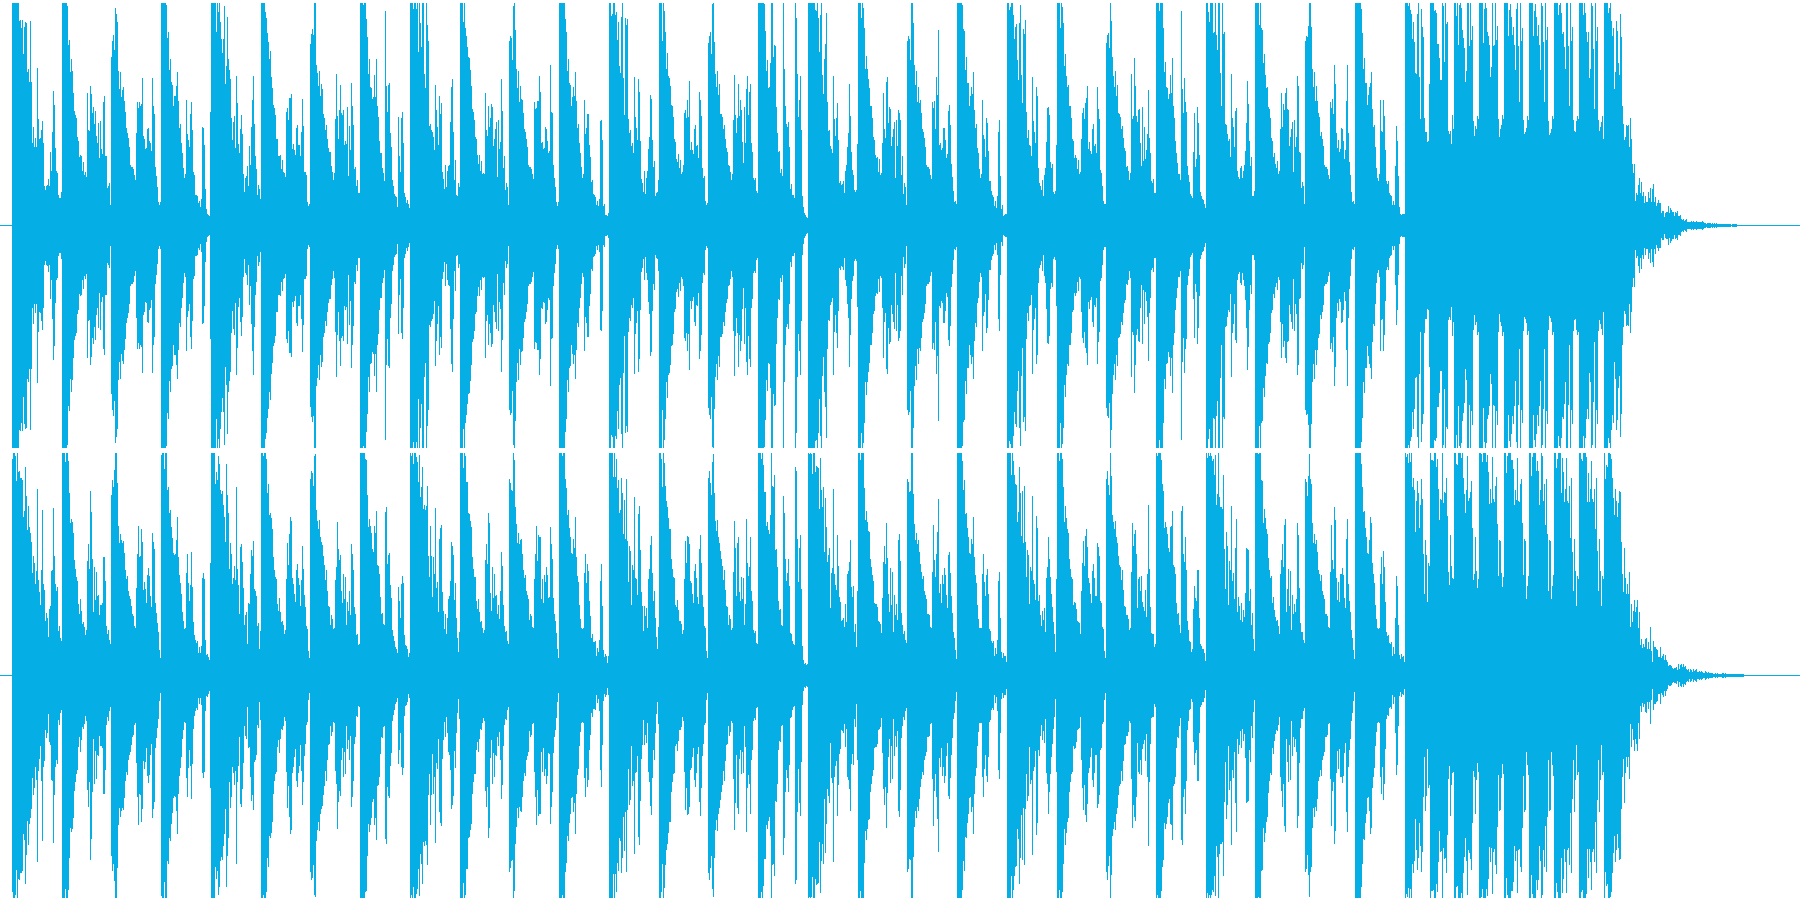 夜っぽい4つ打ちビートBGMの再生済みの波形